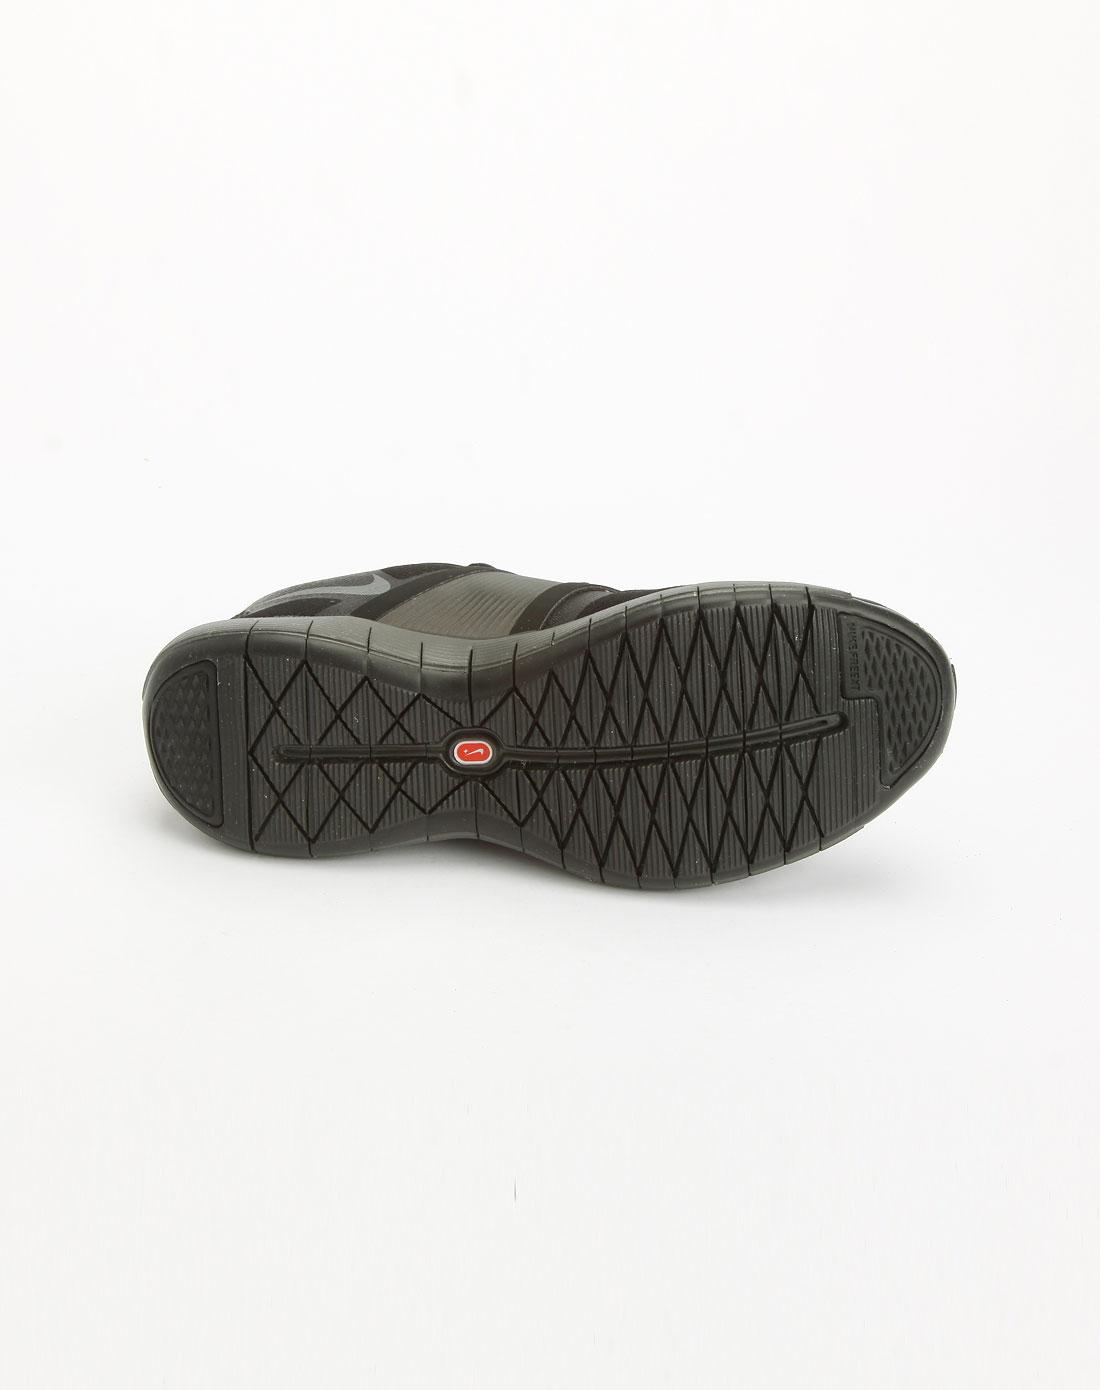 黑色绑带运动鞋_耐克nike-女鞋专场特价3.8折起